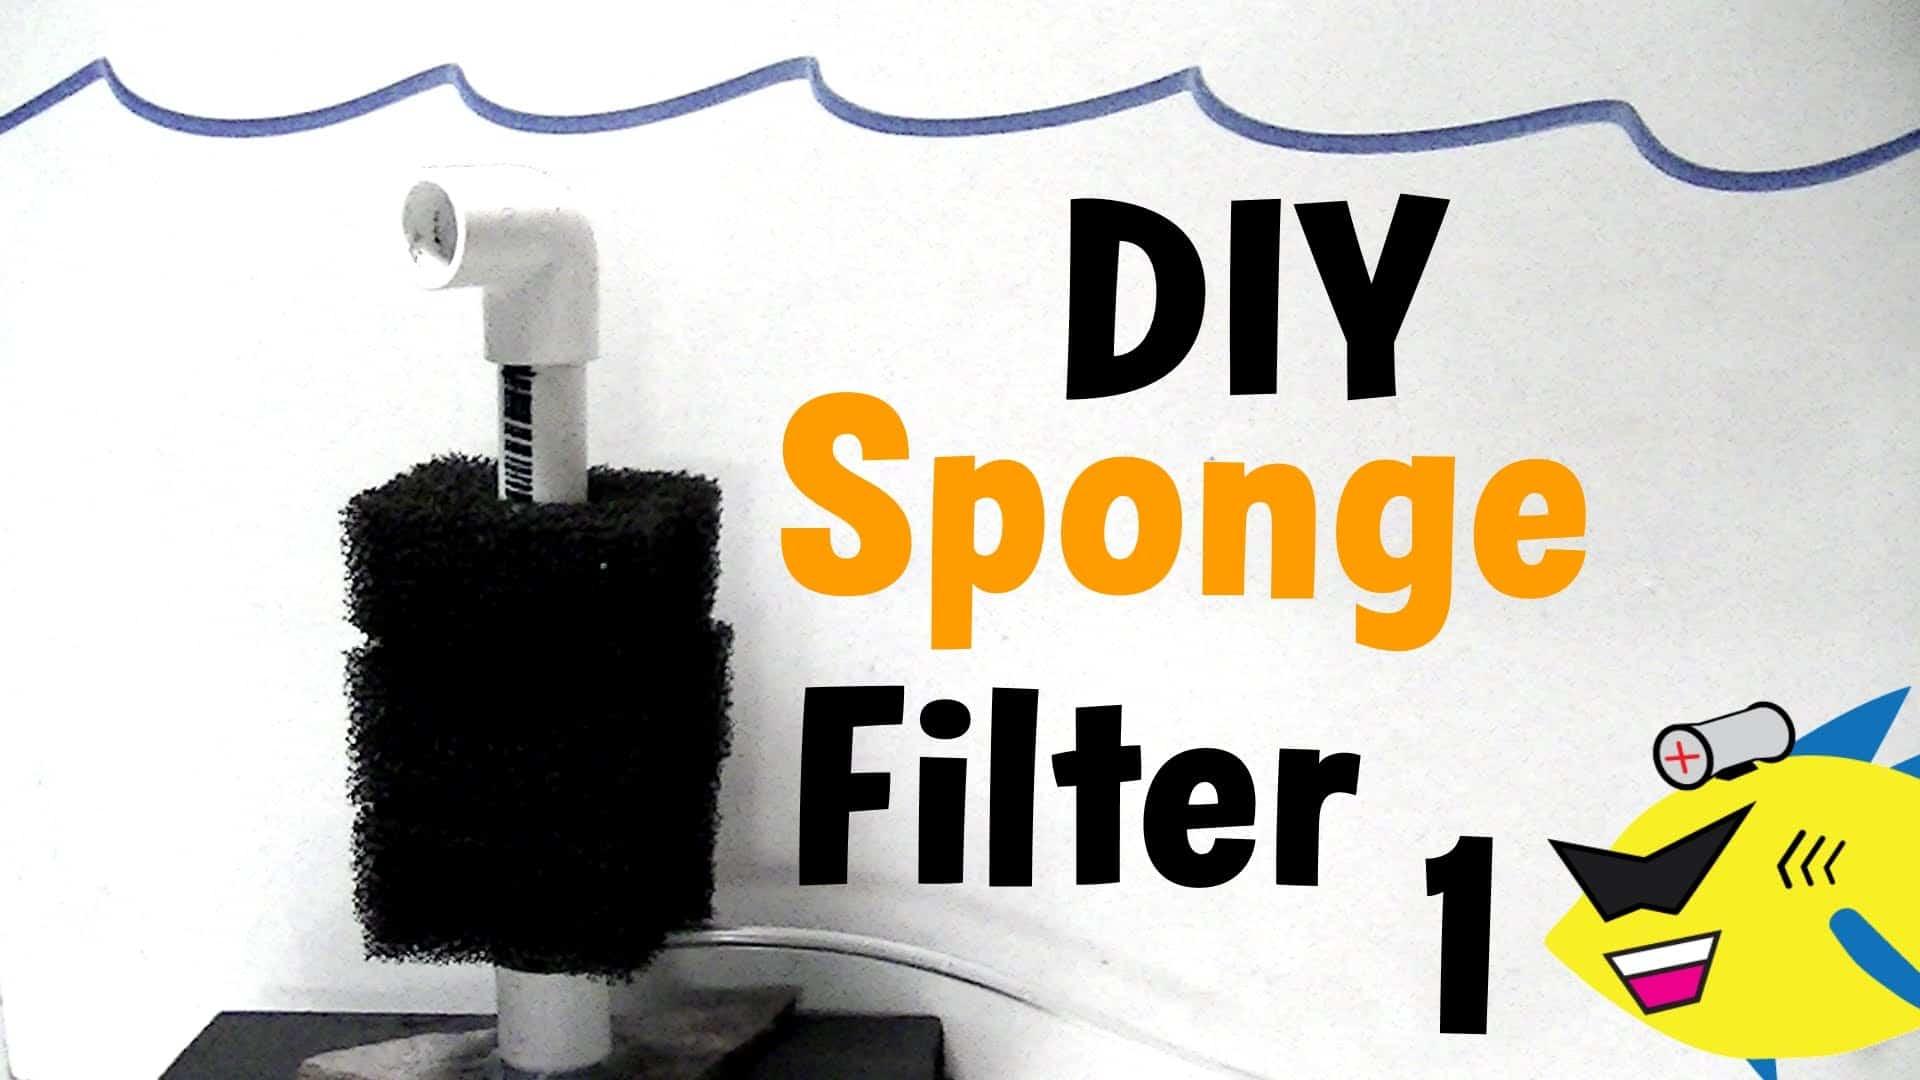 Diy sponge aquarium filter